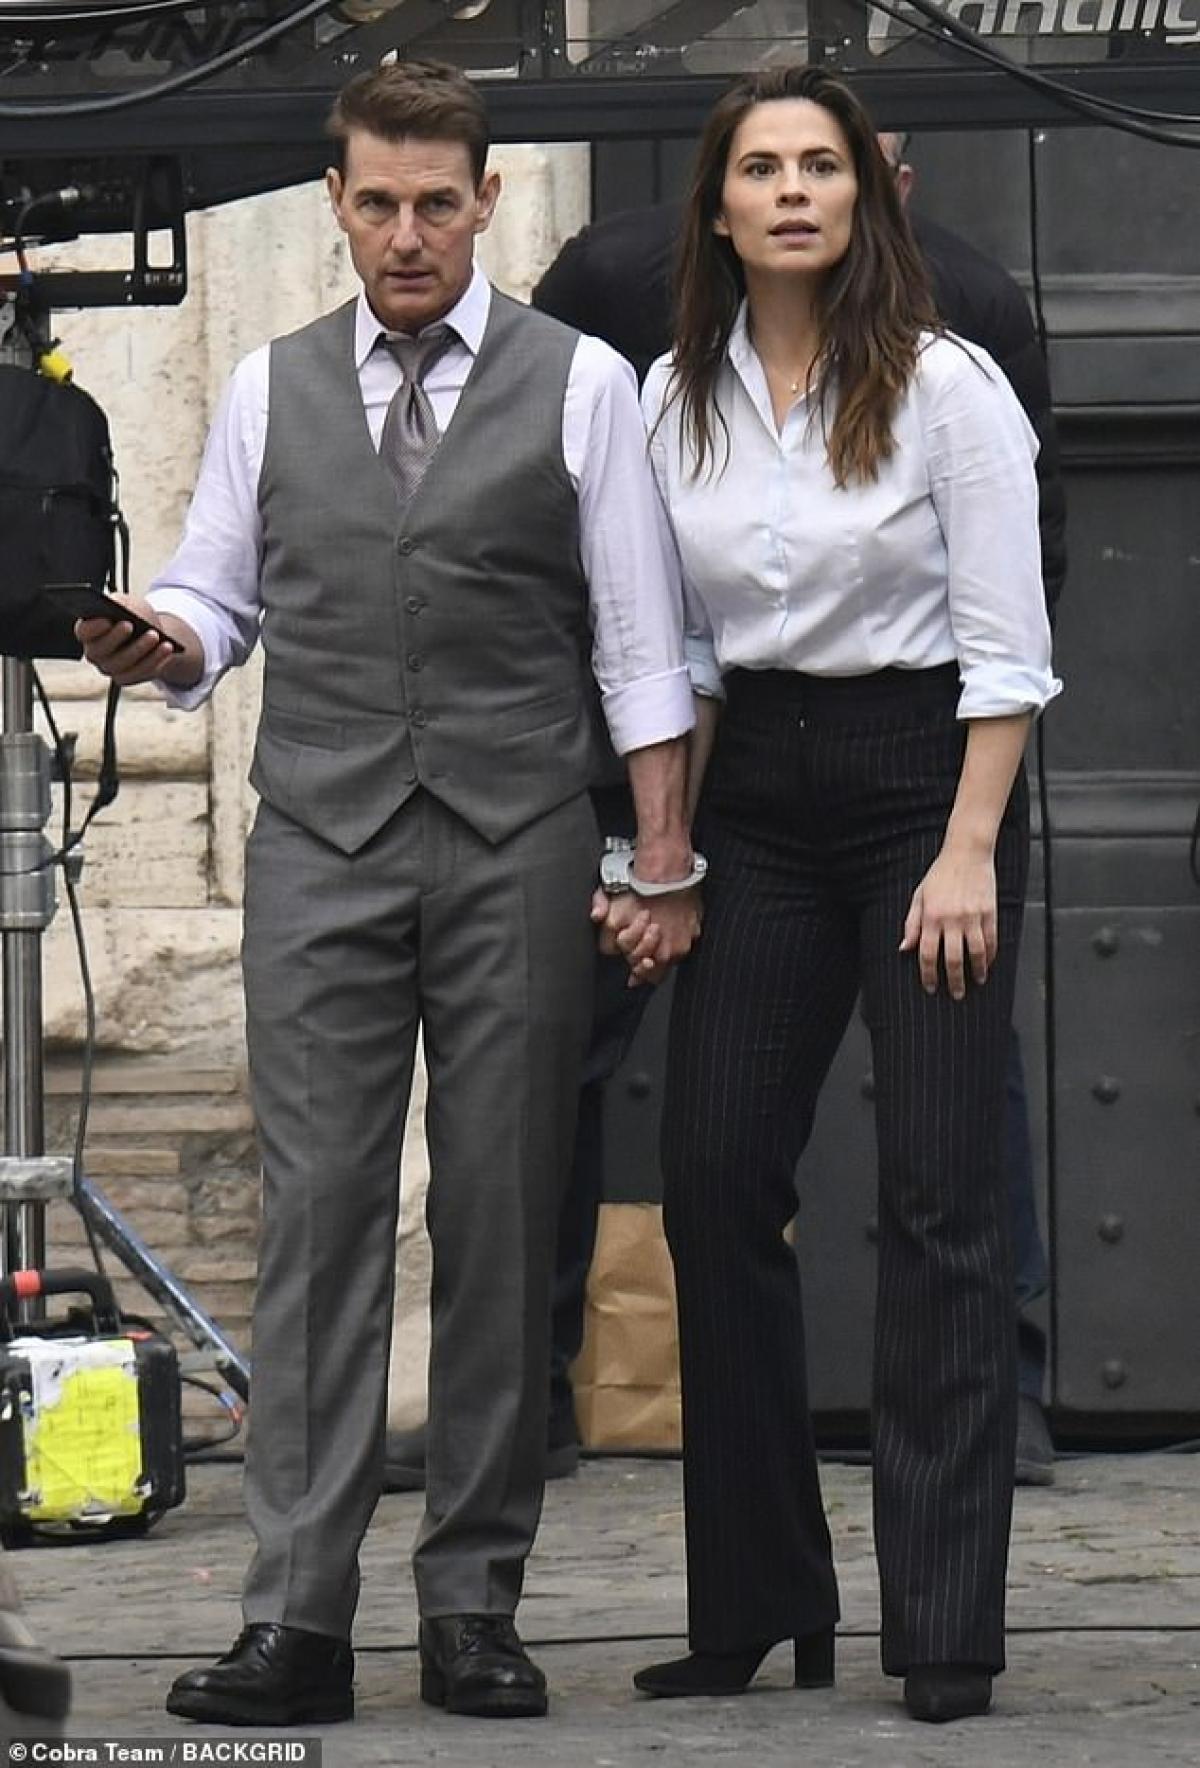 Tom Cruise đang bí mật hẹn hò với nữ diễn viên Hayley Atwell?